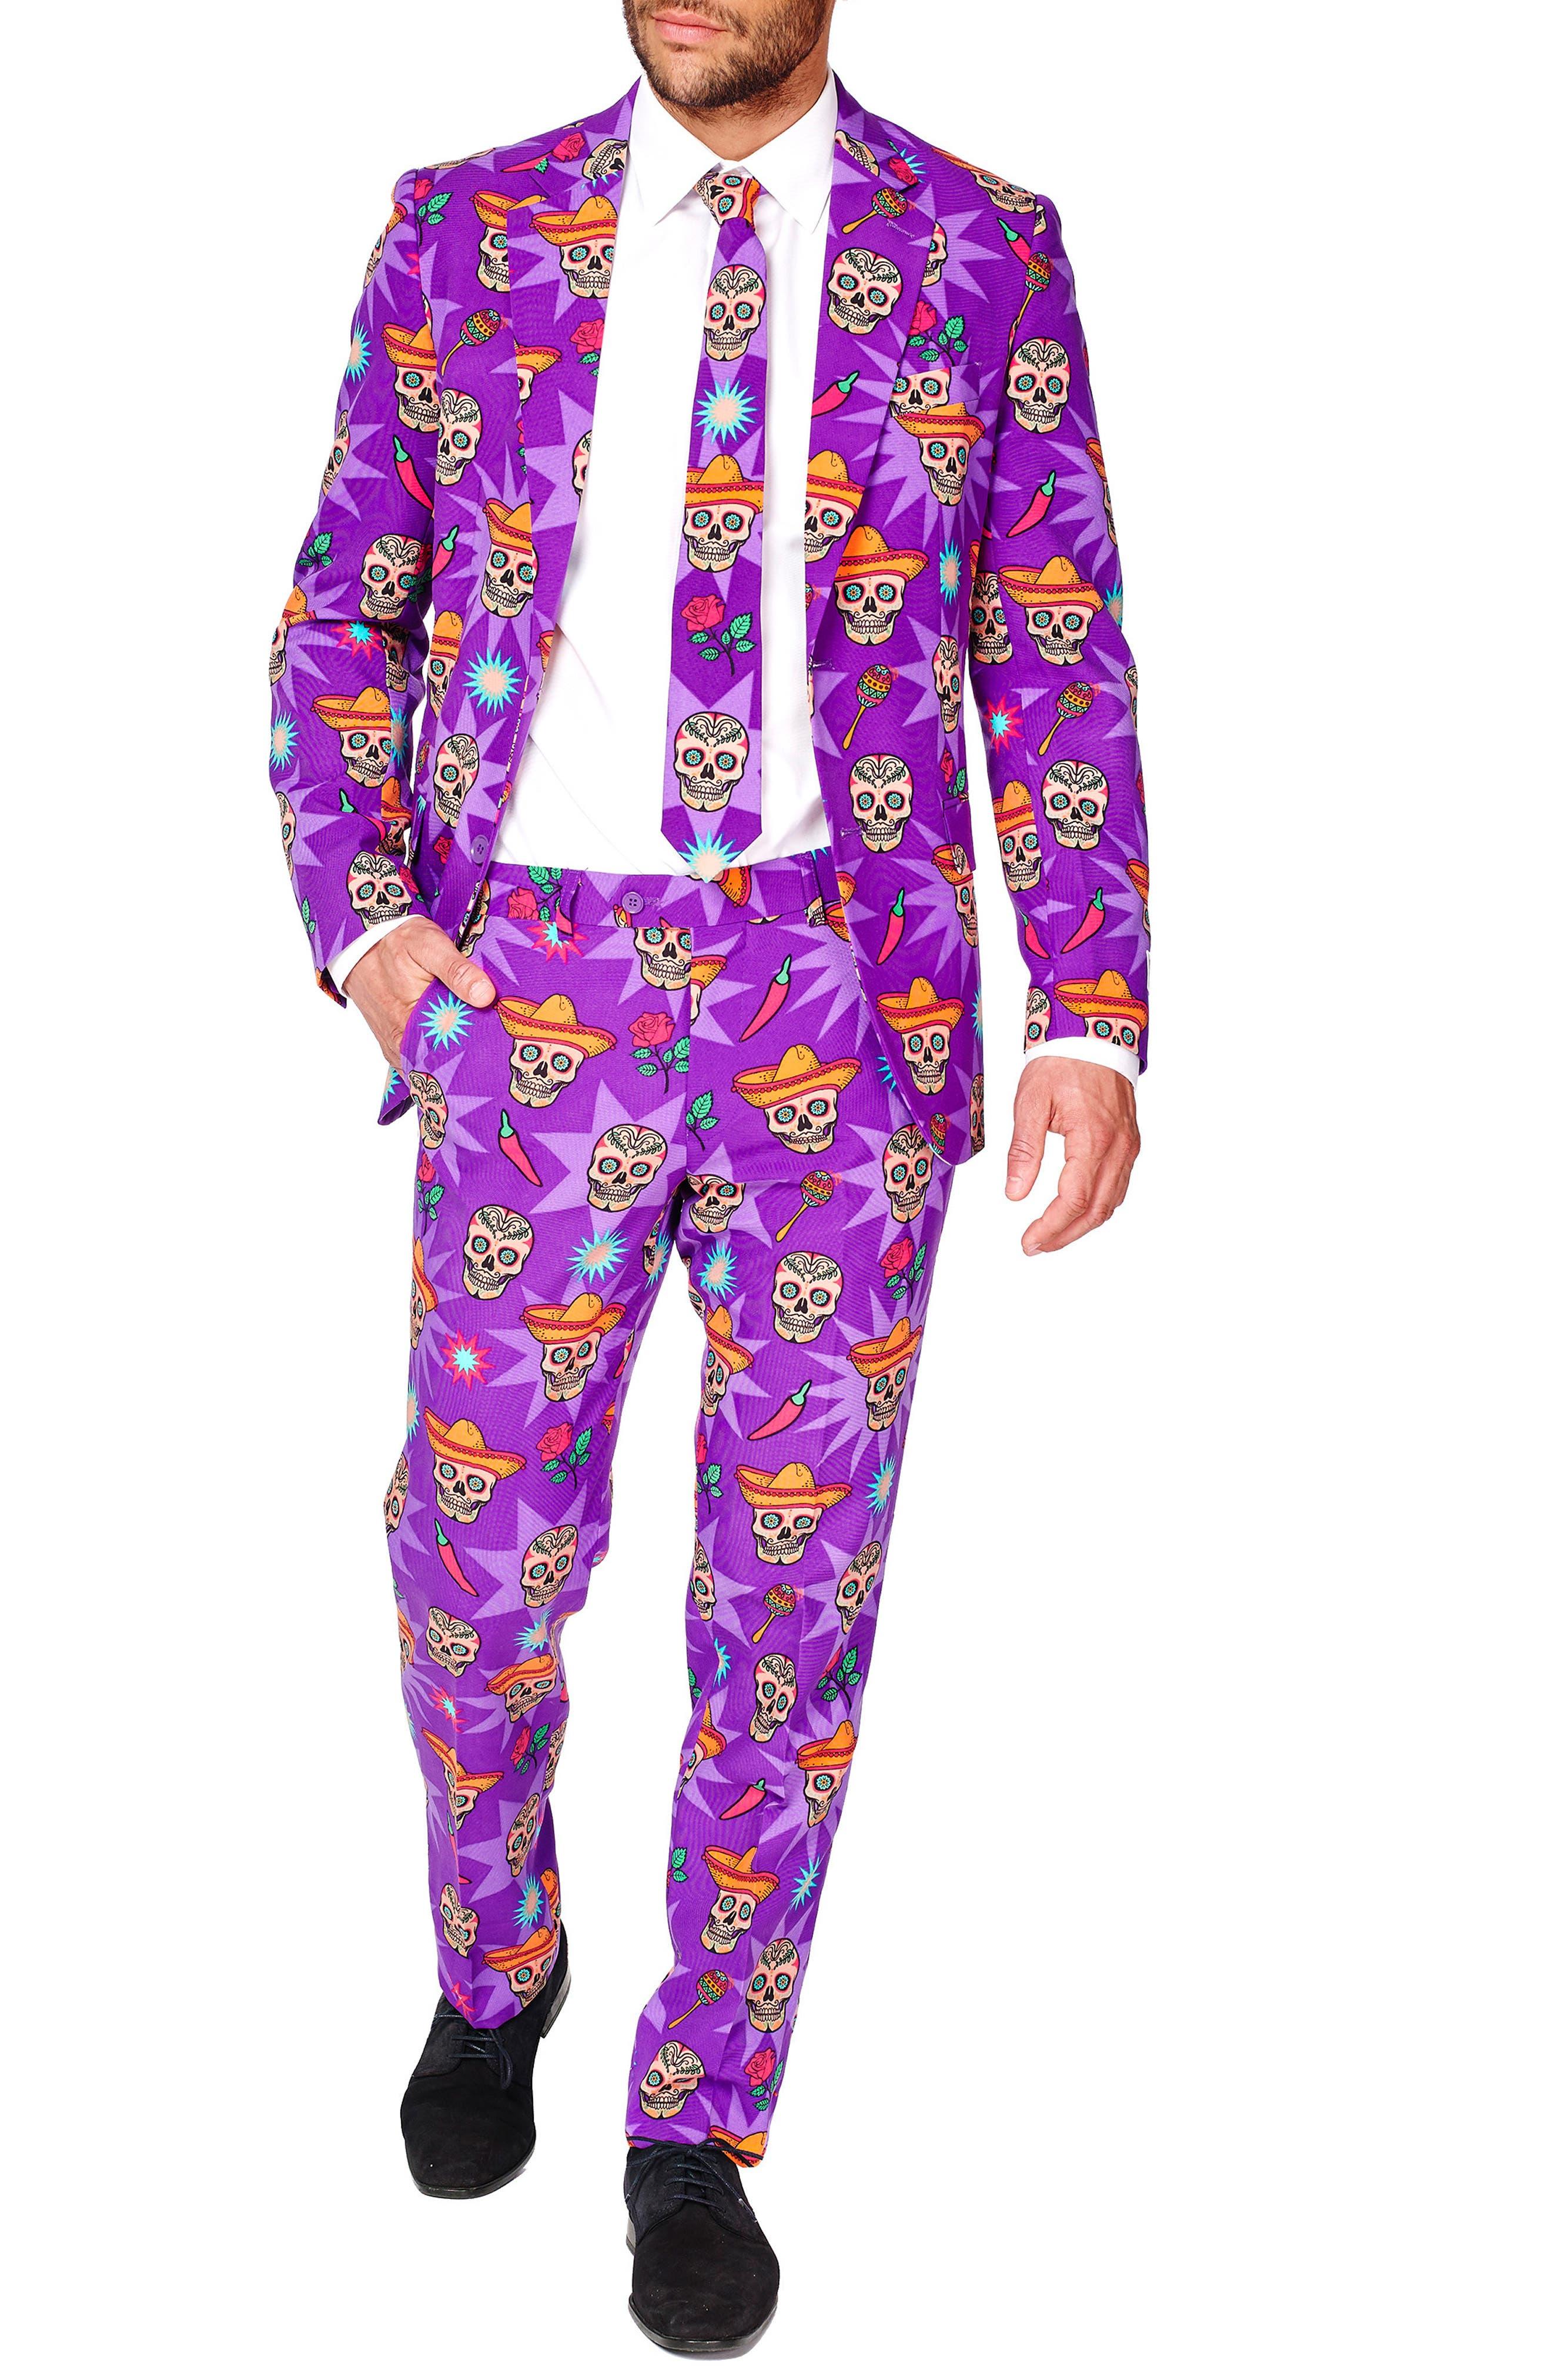 'El Muerto' Trim Fit Two-Piece Suit with Tie,                             Alternate thumbnail 5, color,                             520